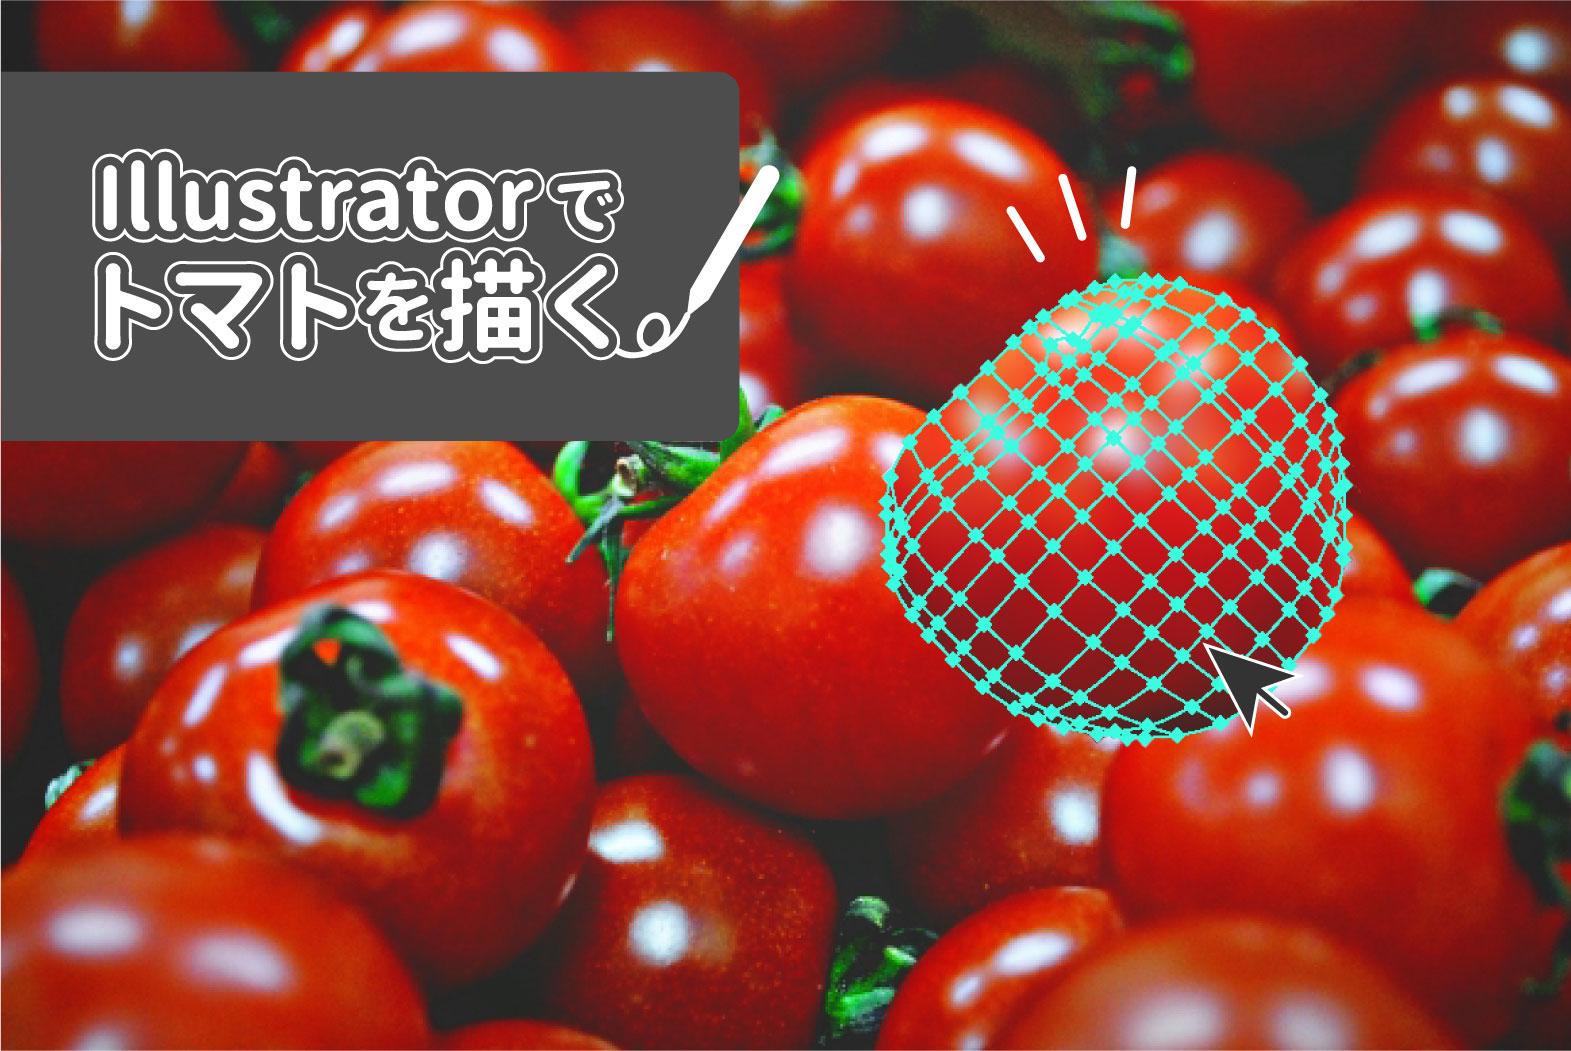 Illustrator トマトを描く Wand わんど 株式会社あんどぷらすのオウンドメディア